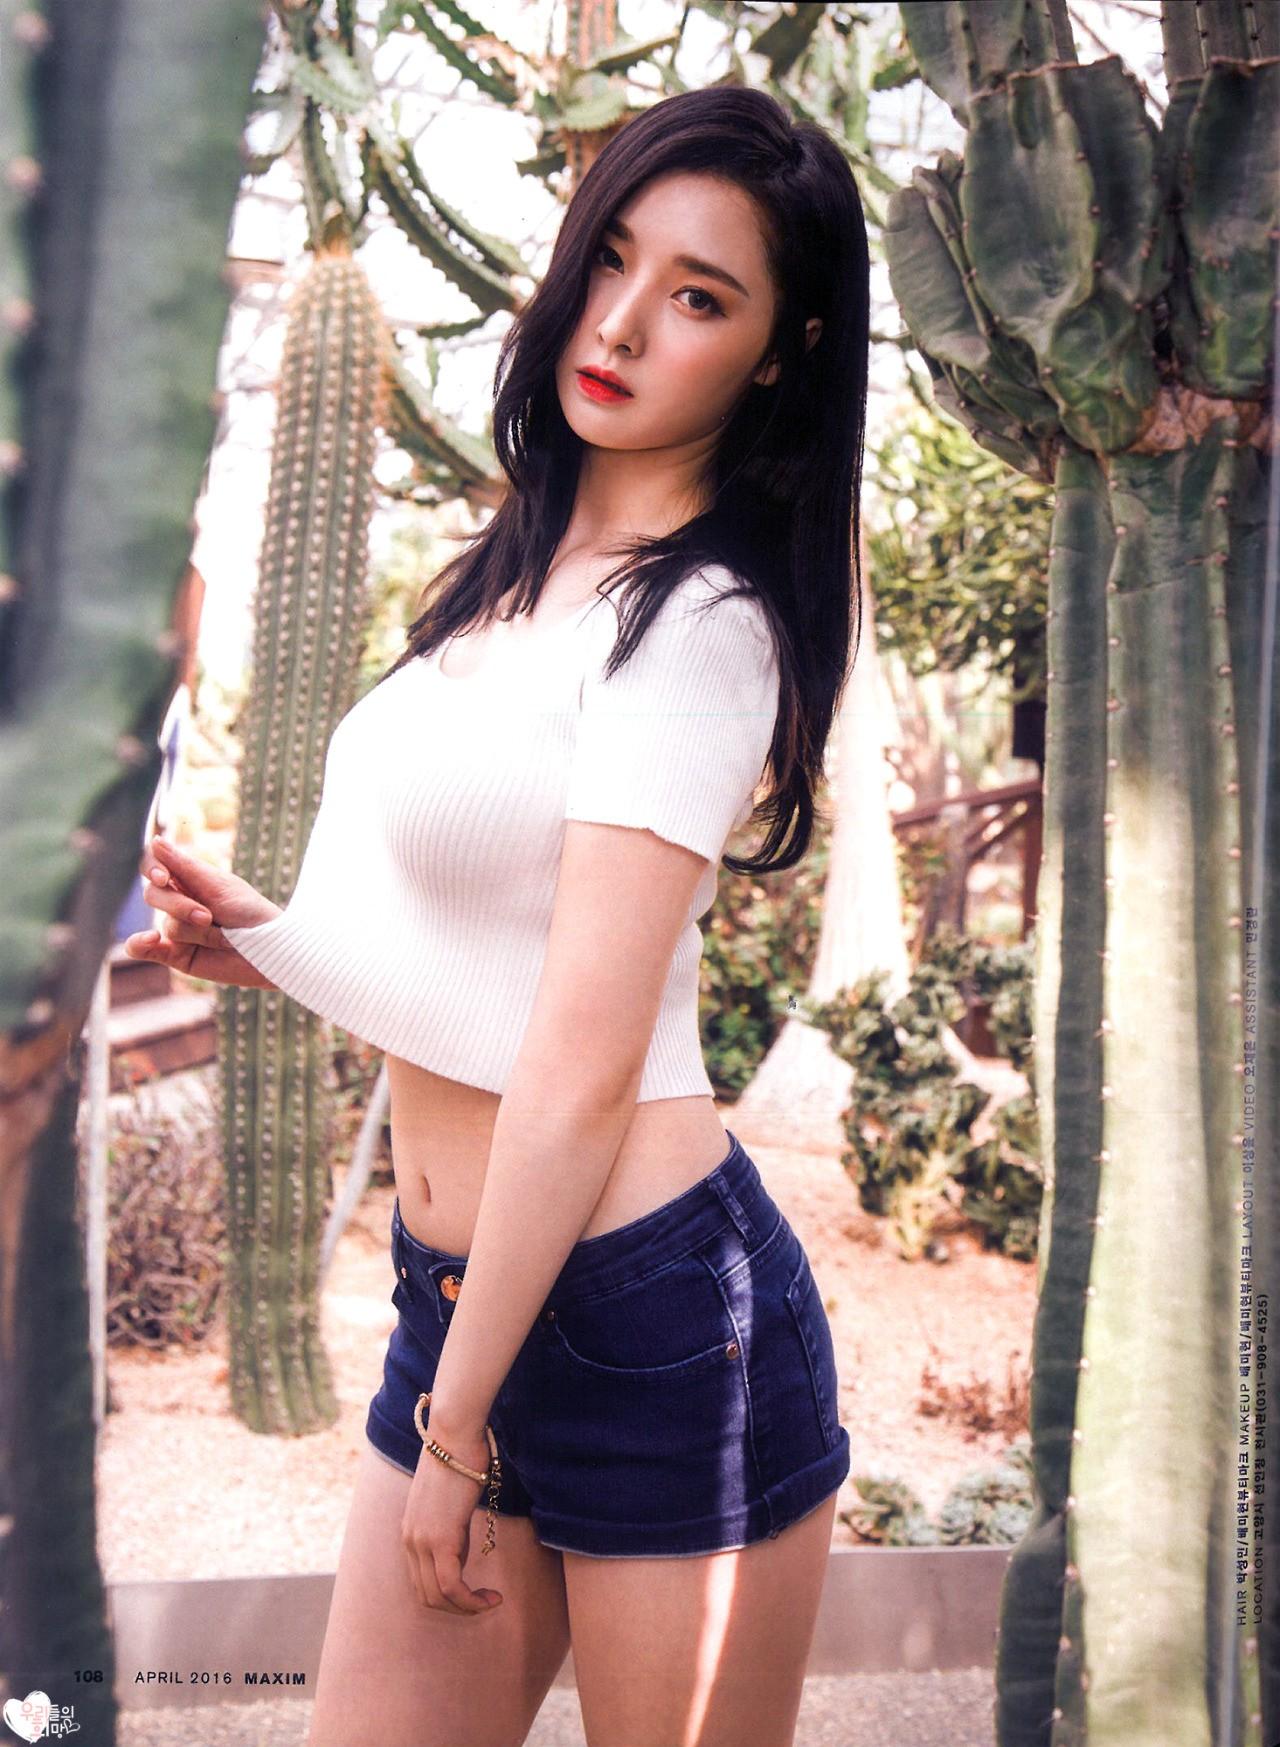 豊胸万歳!韓国美女の着衣巨乳&インスタ自撮りエロ画像65枚・13枚目の画像